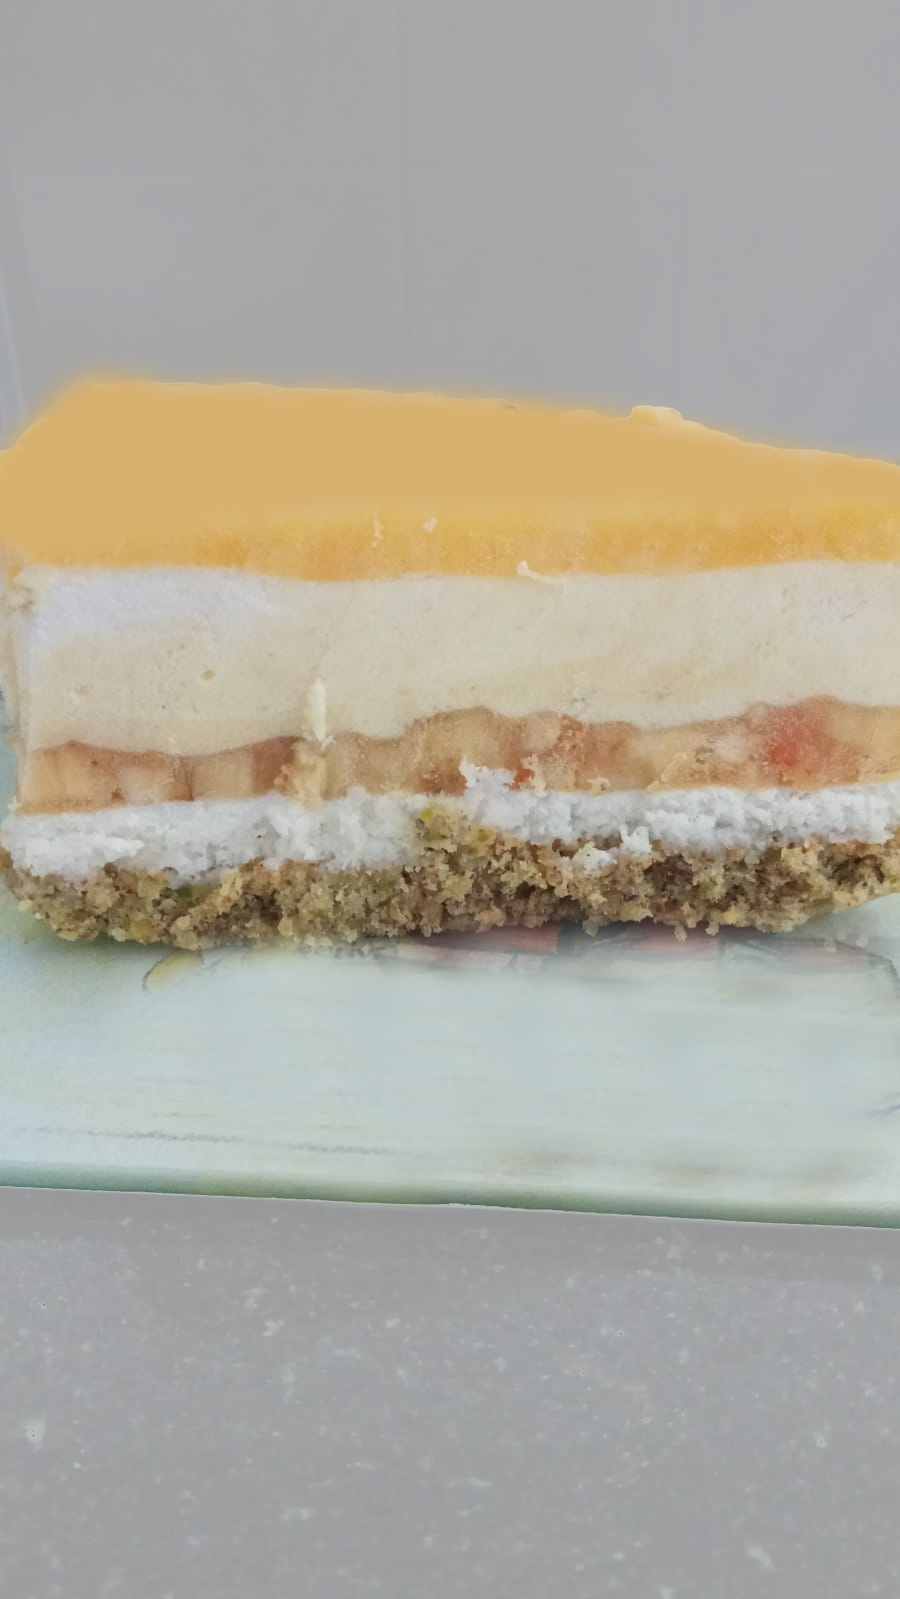 2 1 - עוגה  אקזוטיתמרעננת